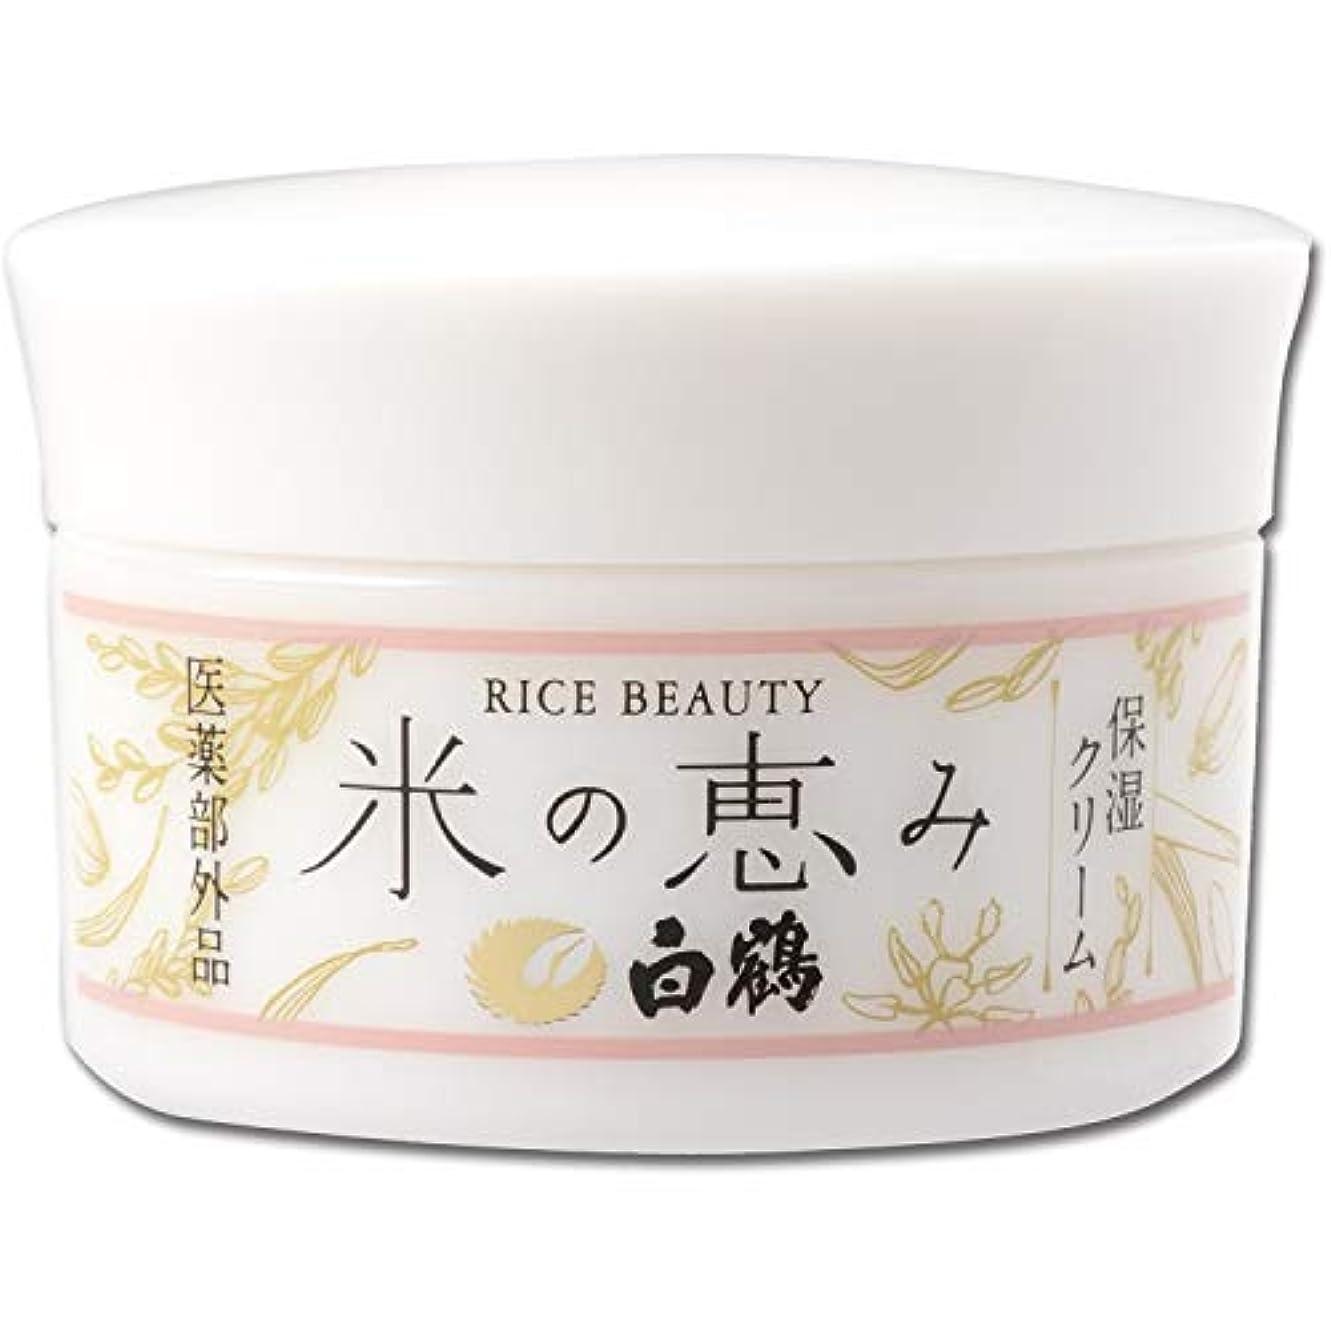 プレゼント工夫するクリップ白鶴 ライスビューティー 米の恵み 保湿クリーム 48g (医薬部外品)